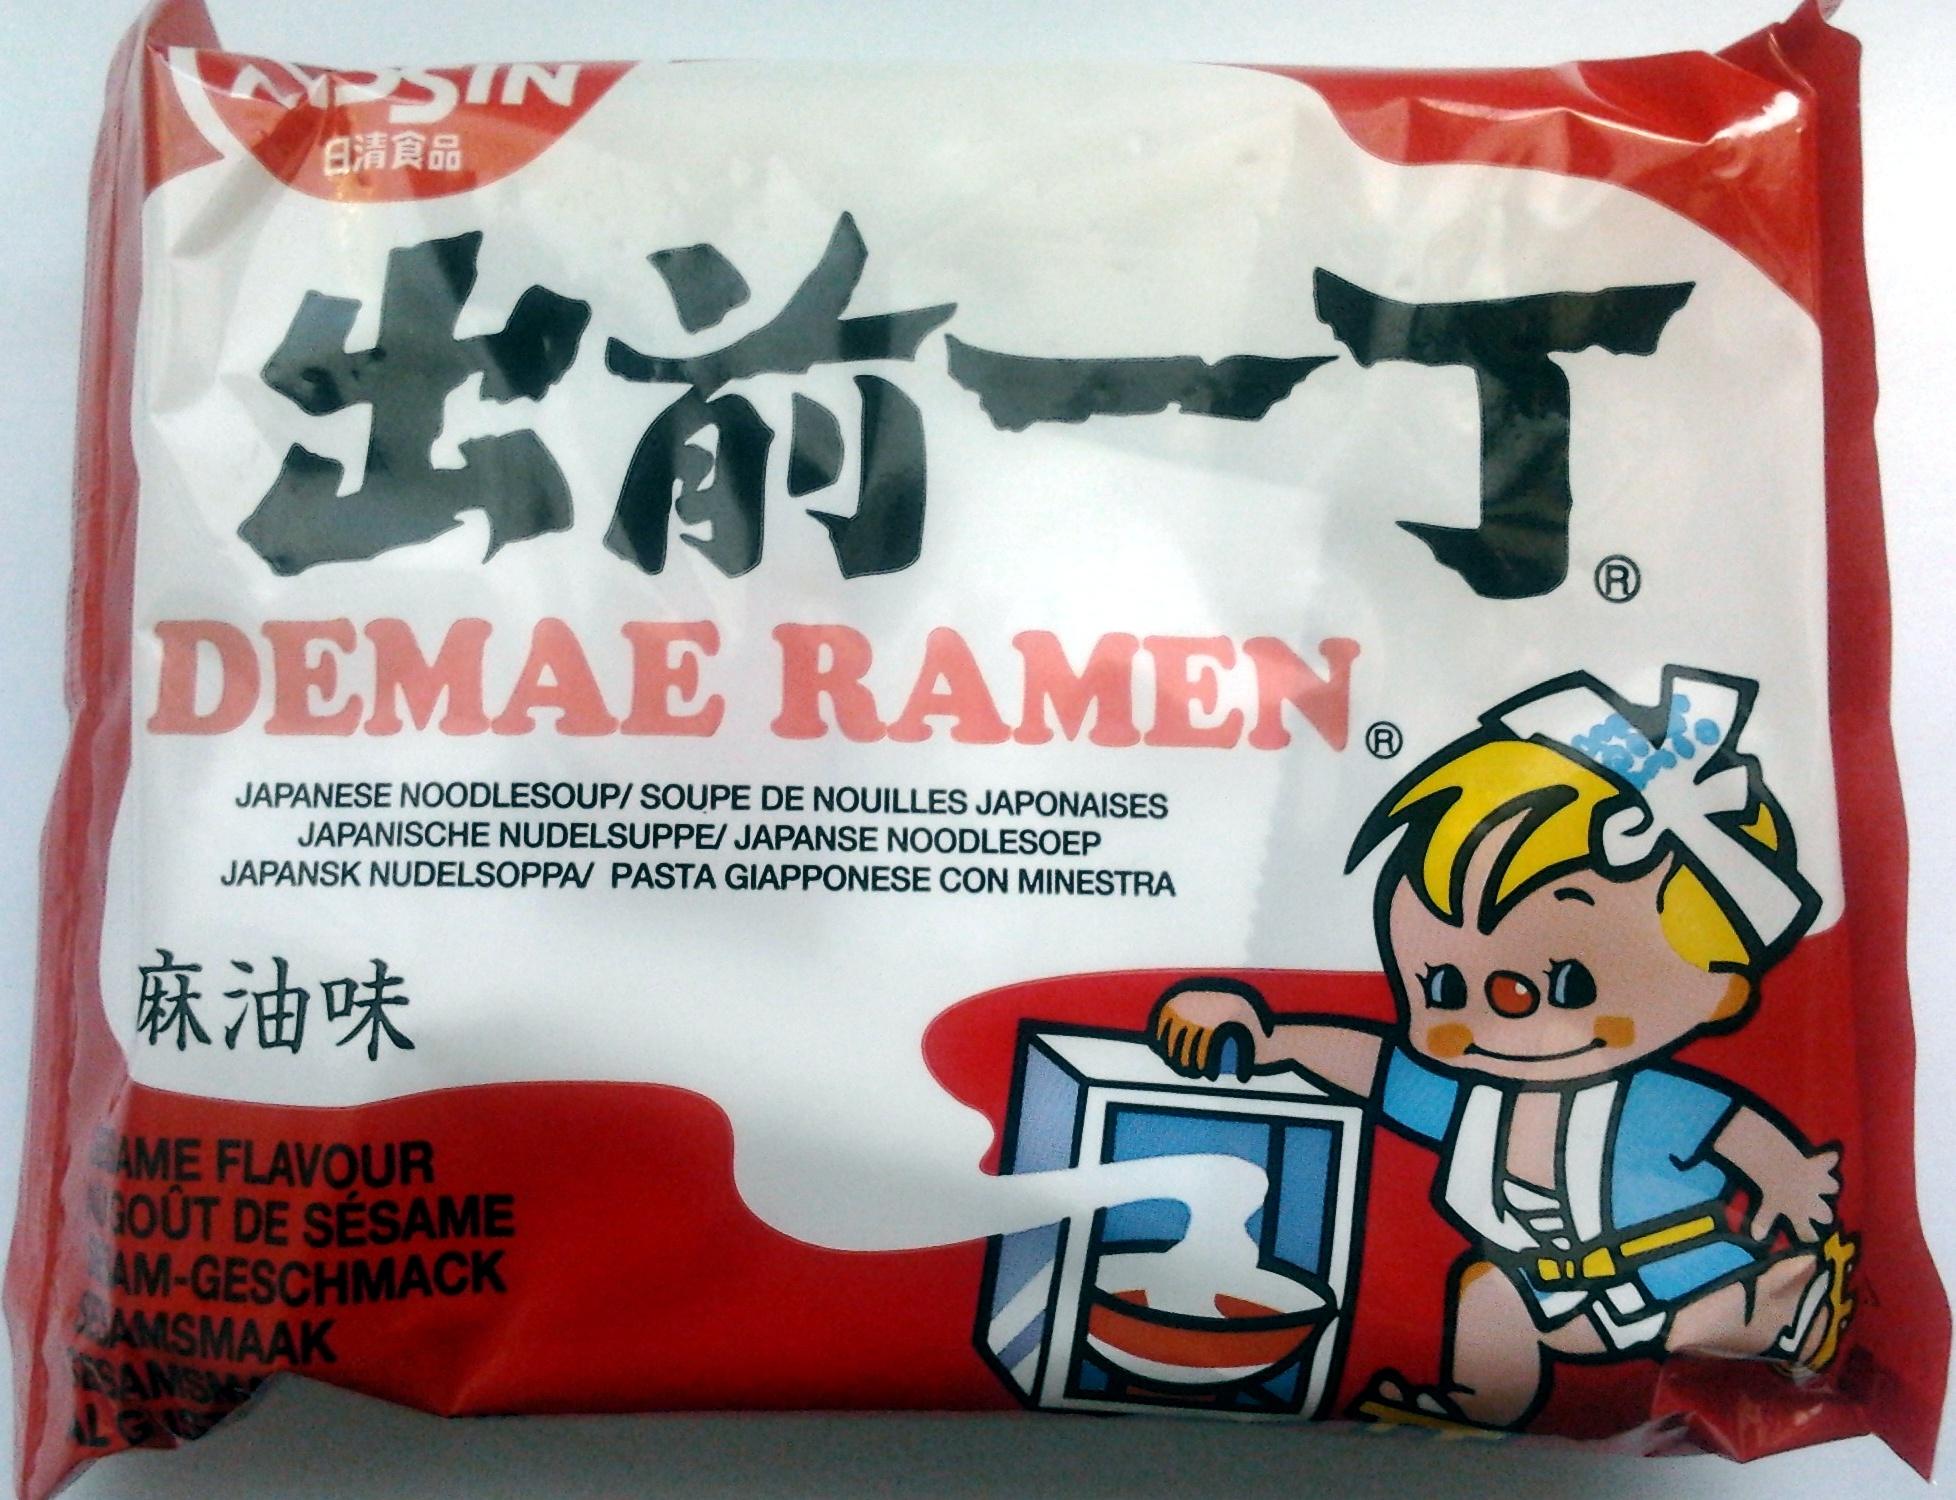 Demae Ramen Sesame Flavour Japanese Noodlesoup - Produit - fr